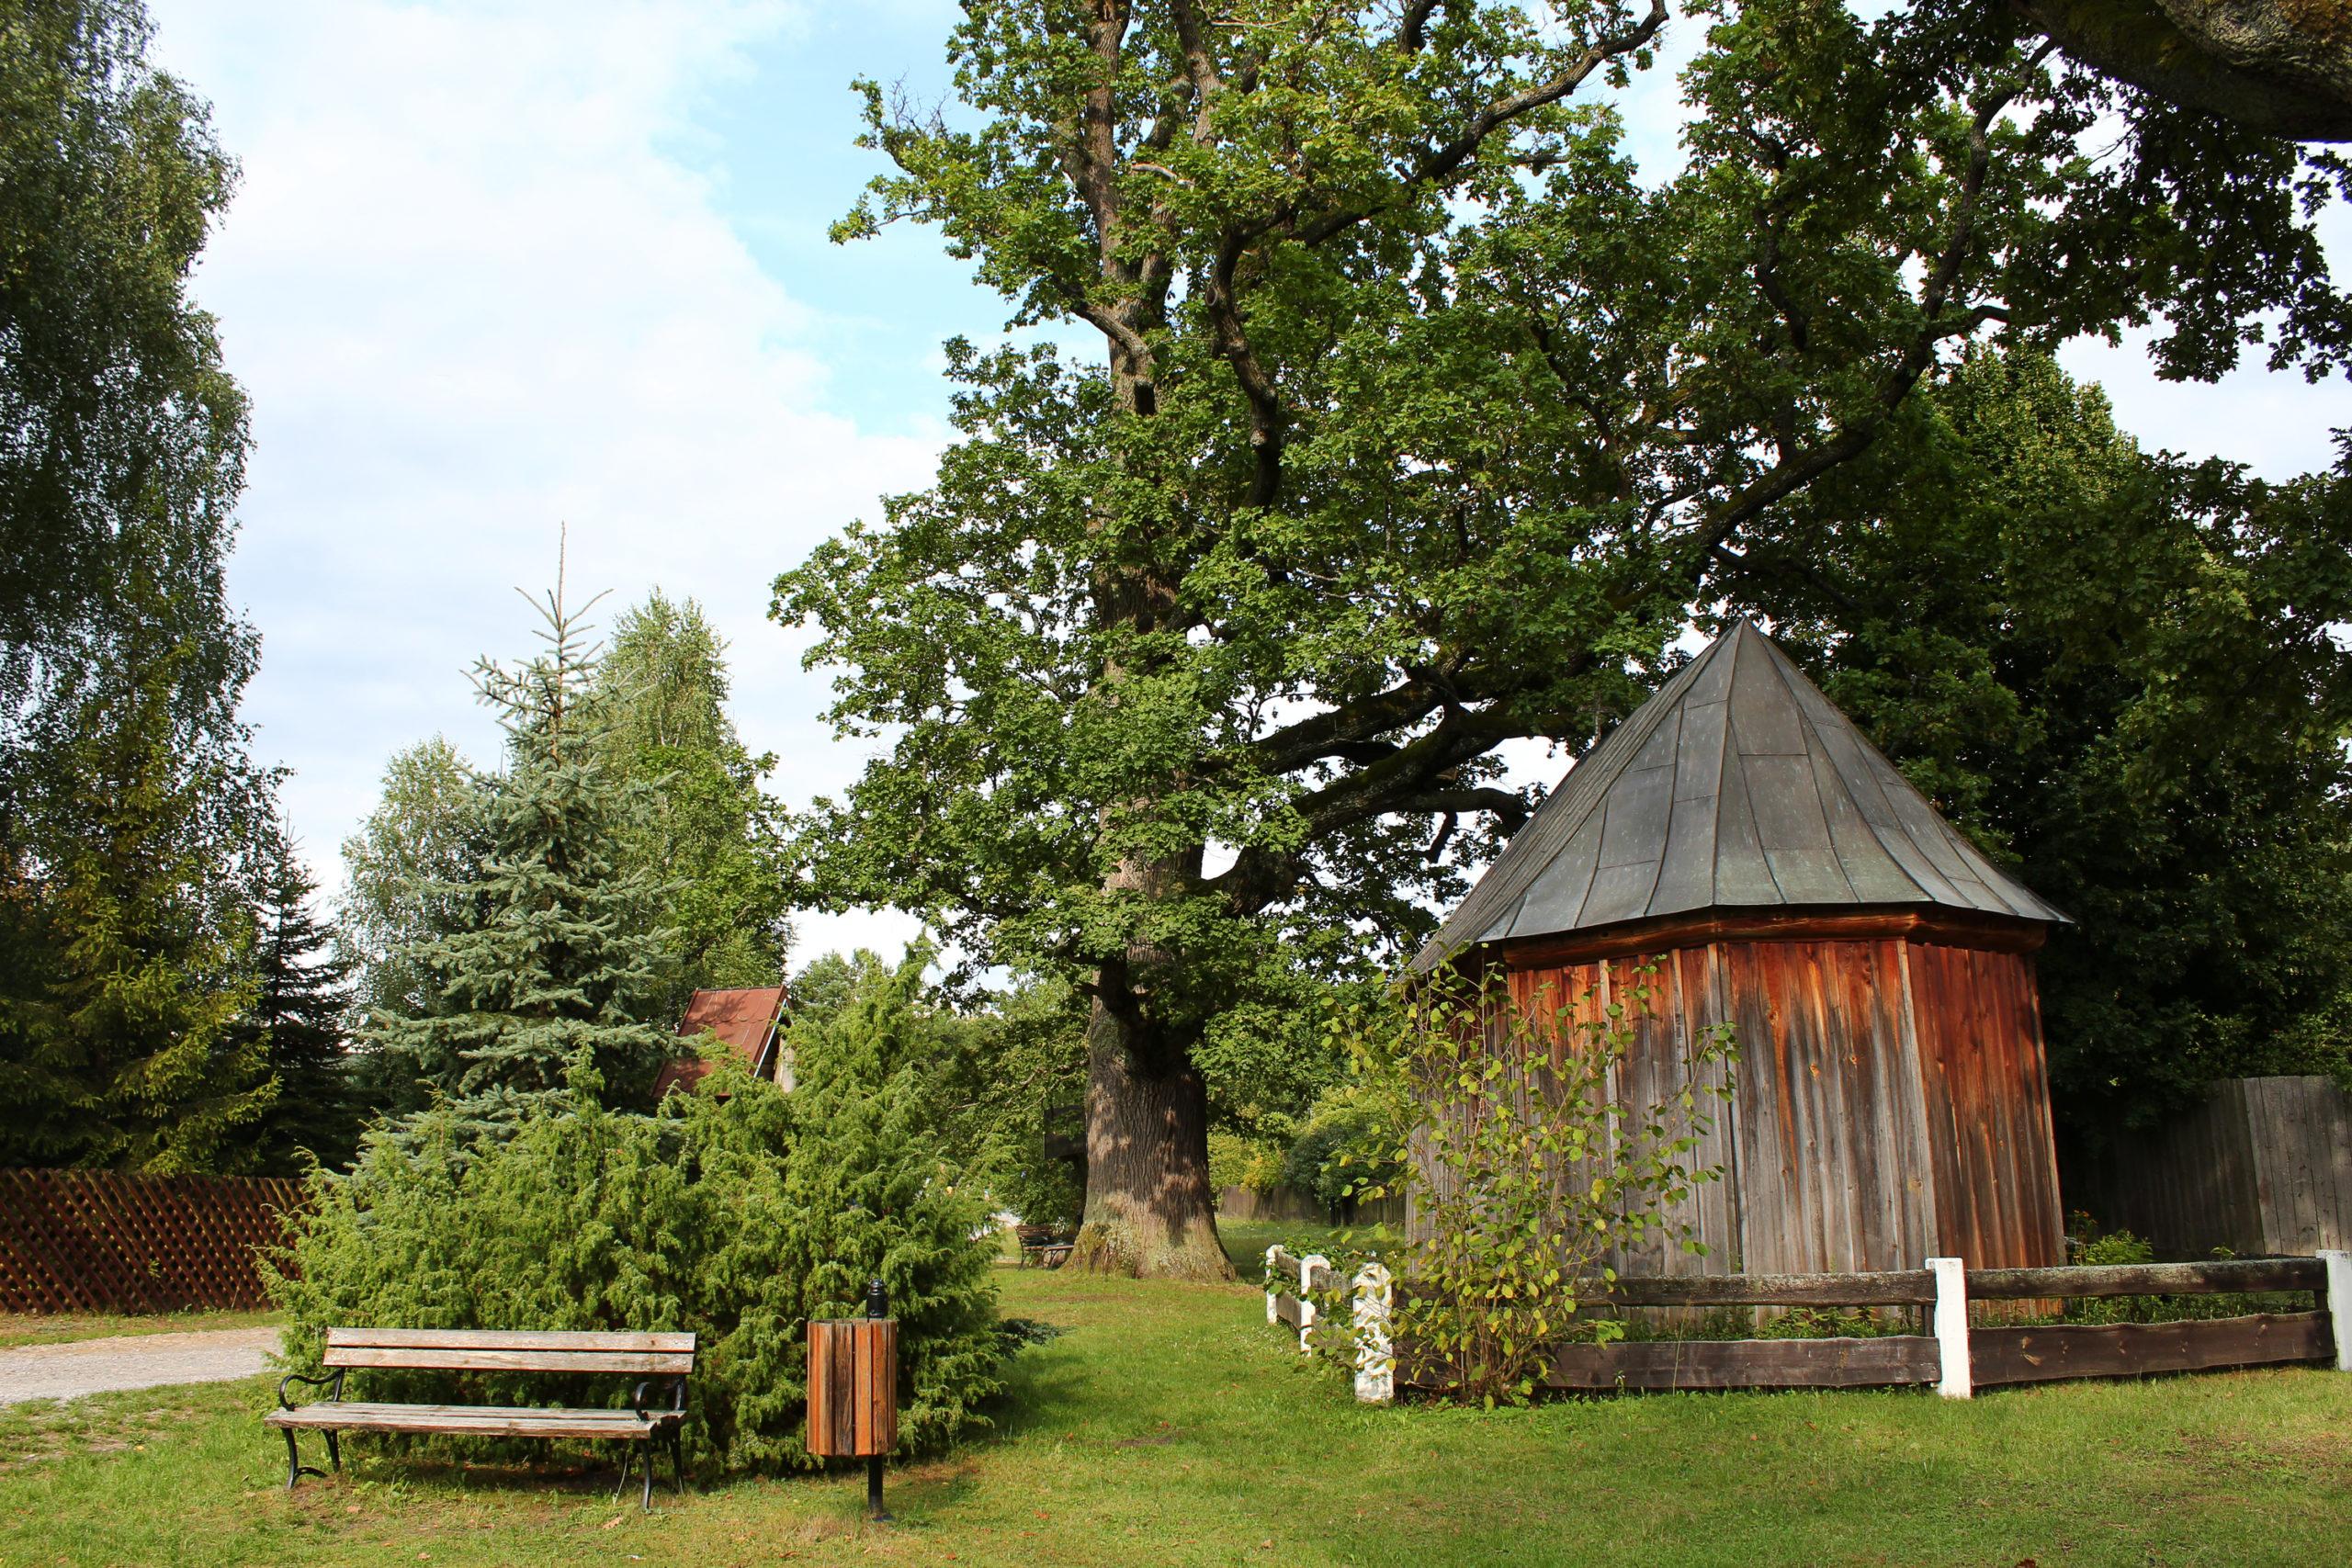 Drewniany budynek i drzewo